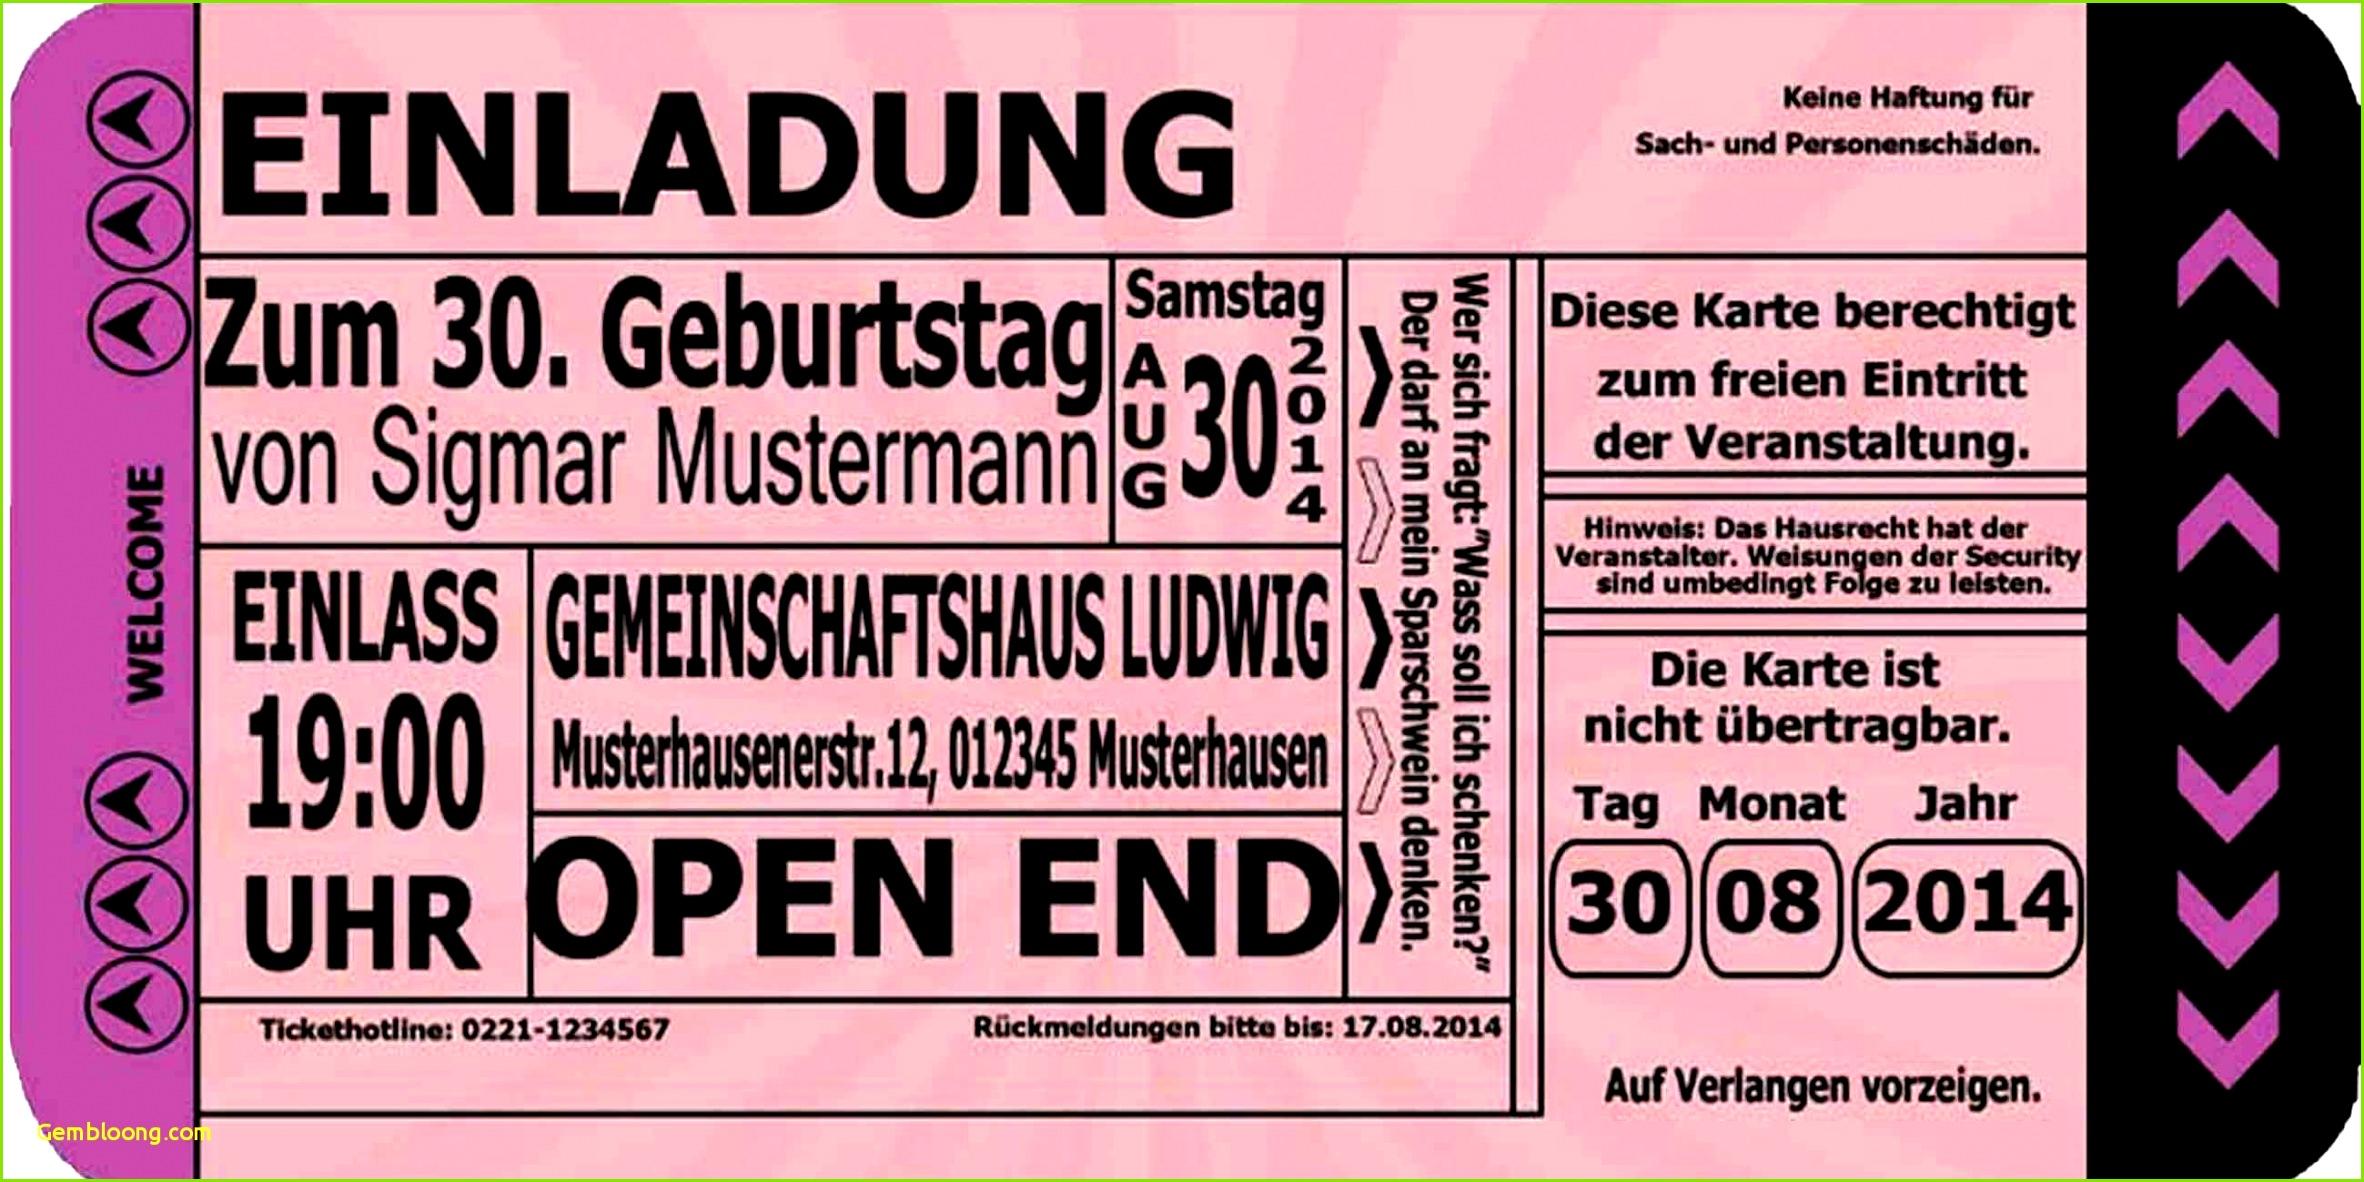 Hochzeitseinladungen Texte Vorlagen Beispiel Einladungskarten Vorlagen Geburtstag Vorlagen Einladungen 0d Meinung Hochzeitseinladungen